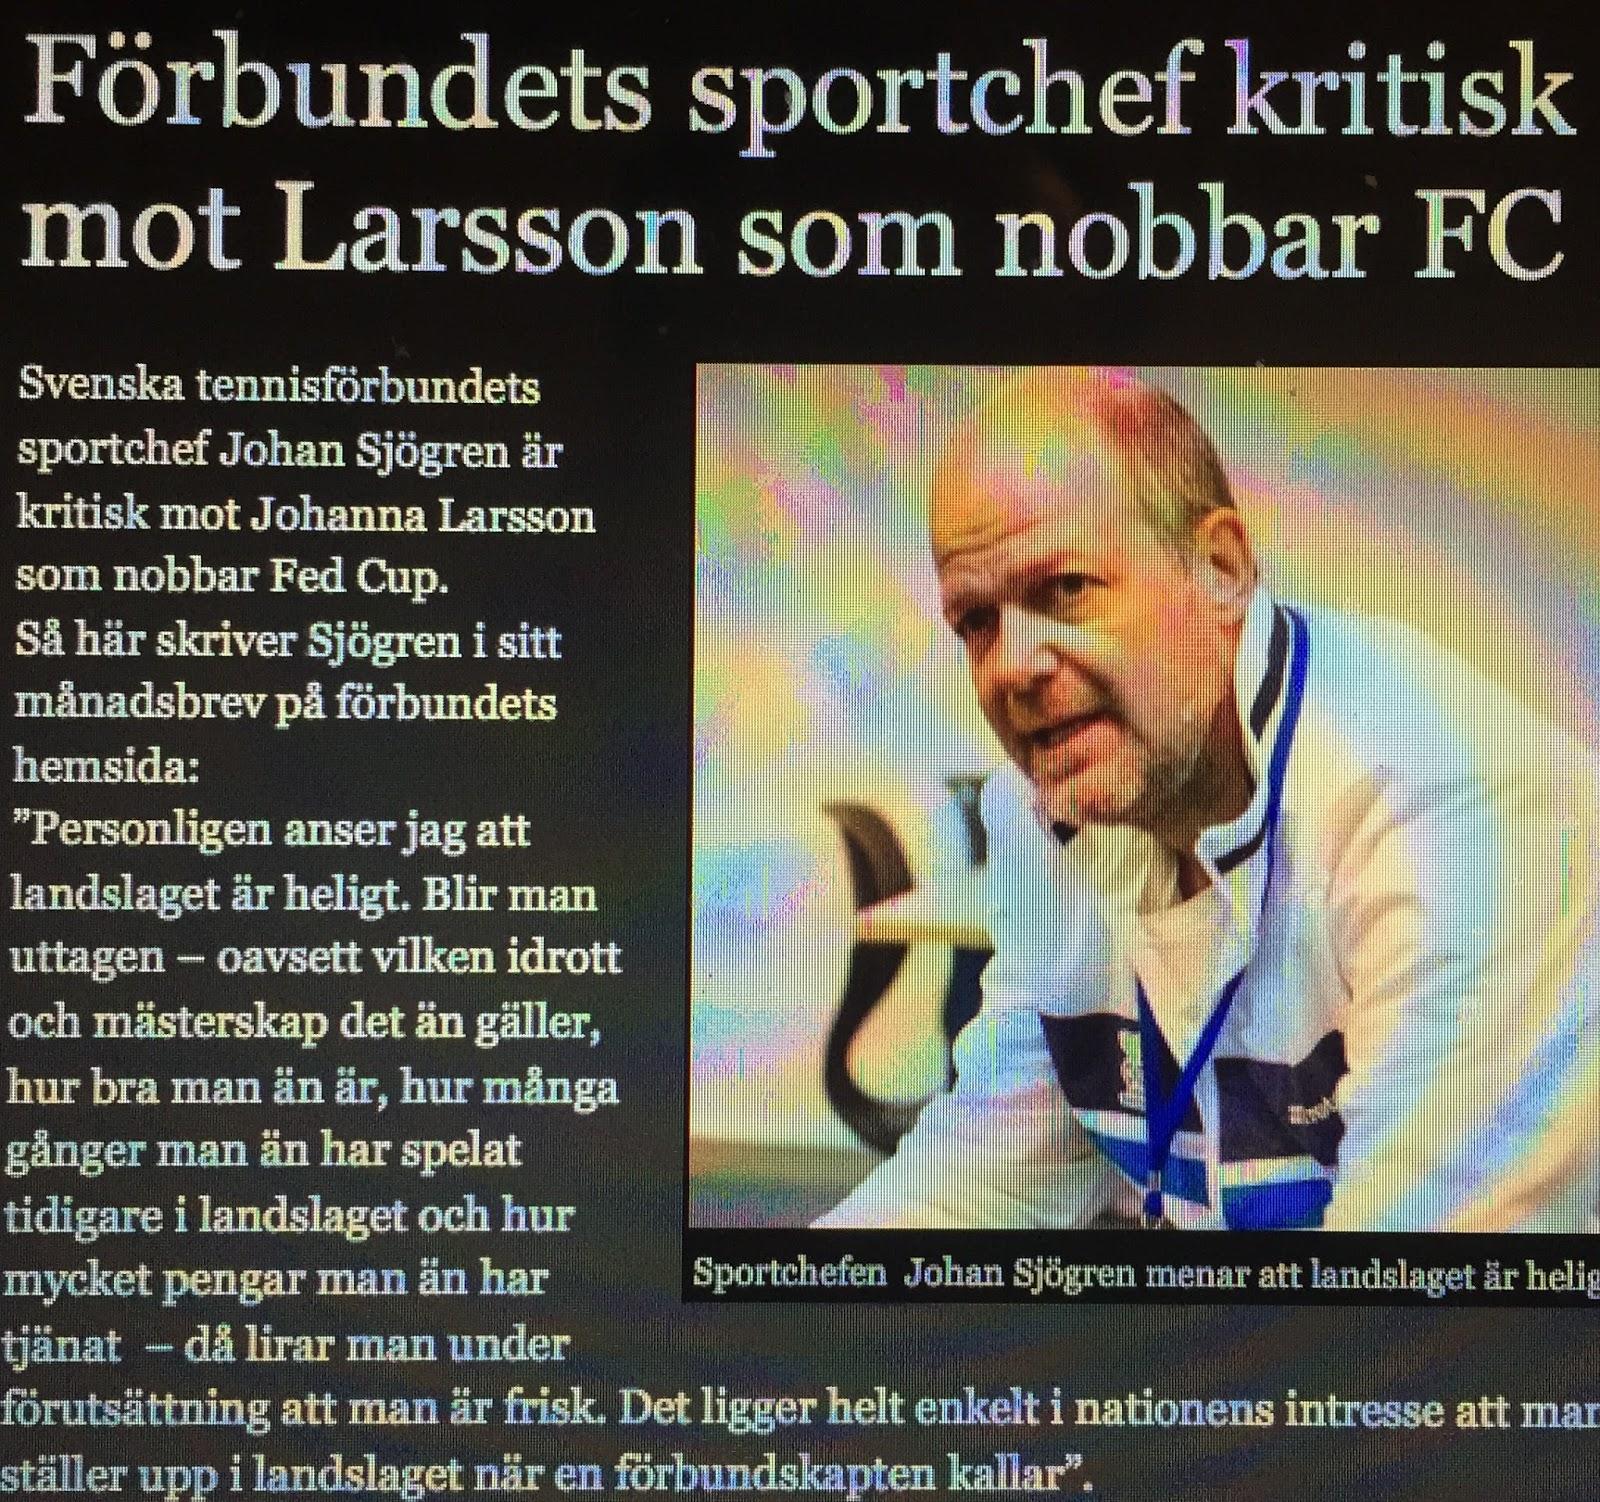 Varldssjuans utbrott pa svenska domaren